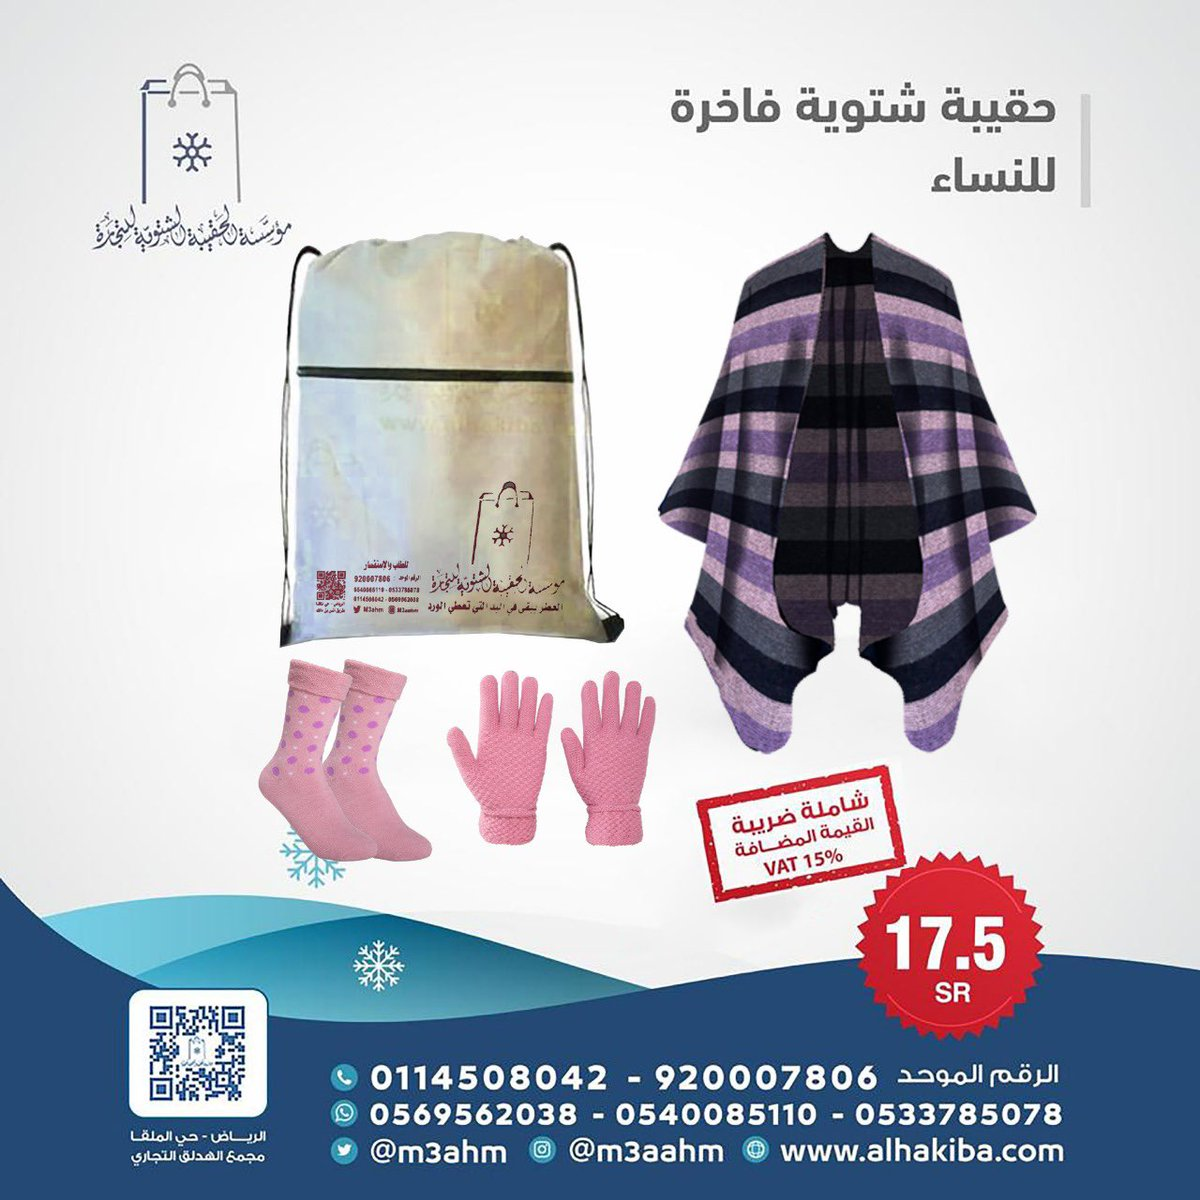 Replying to @m3ahm: نشغل الخادمات في أعمالهن 👌🏻  فلا ننشغل عن حمايتهم من البرد 💔  #كسوة_الشتاء النسائية 👘